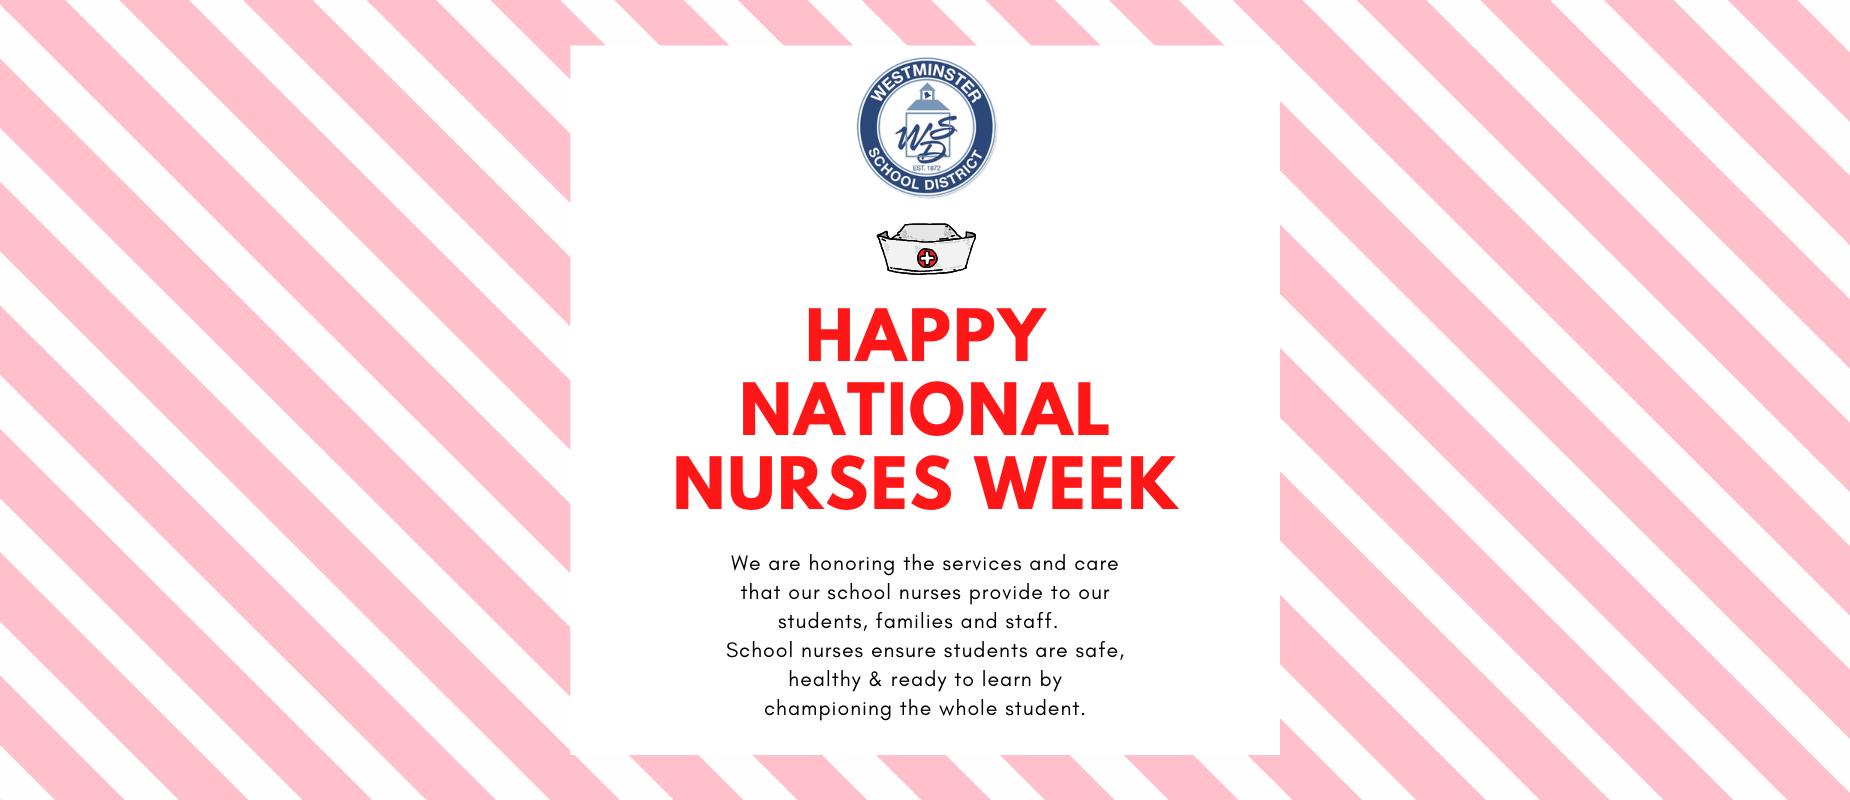 Happy National Nurses Week 2021